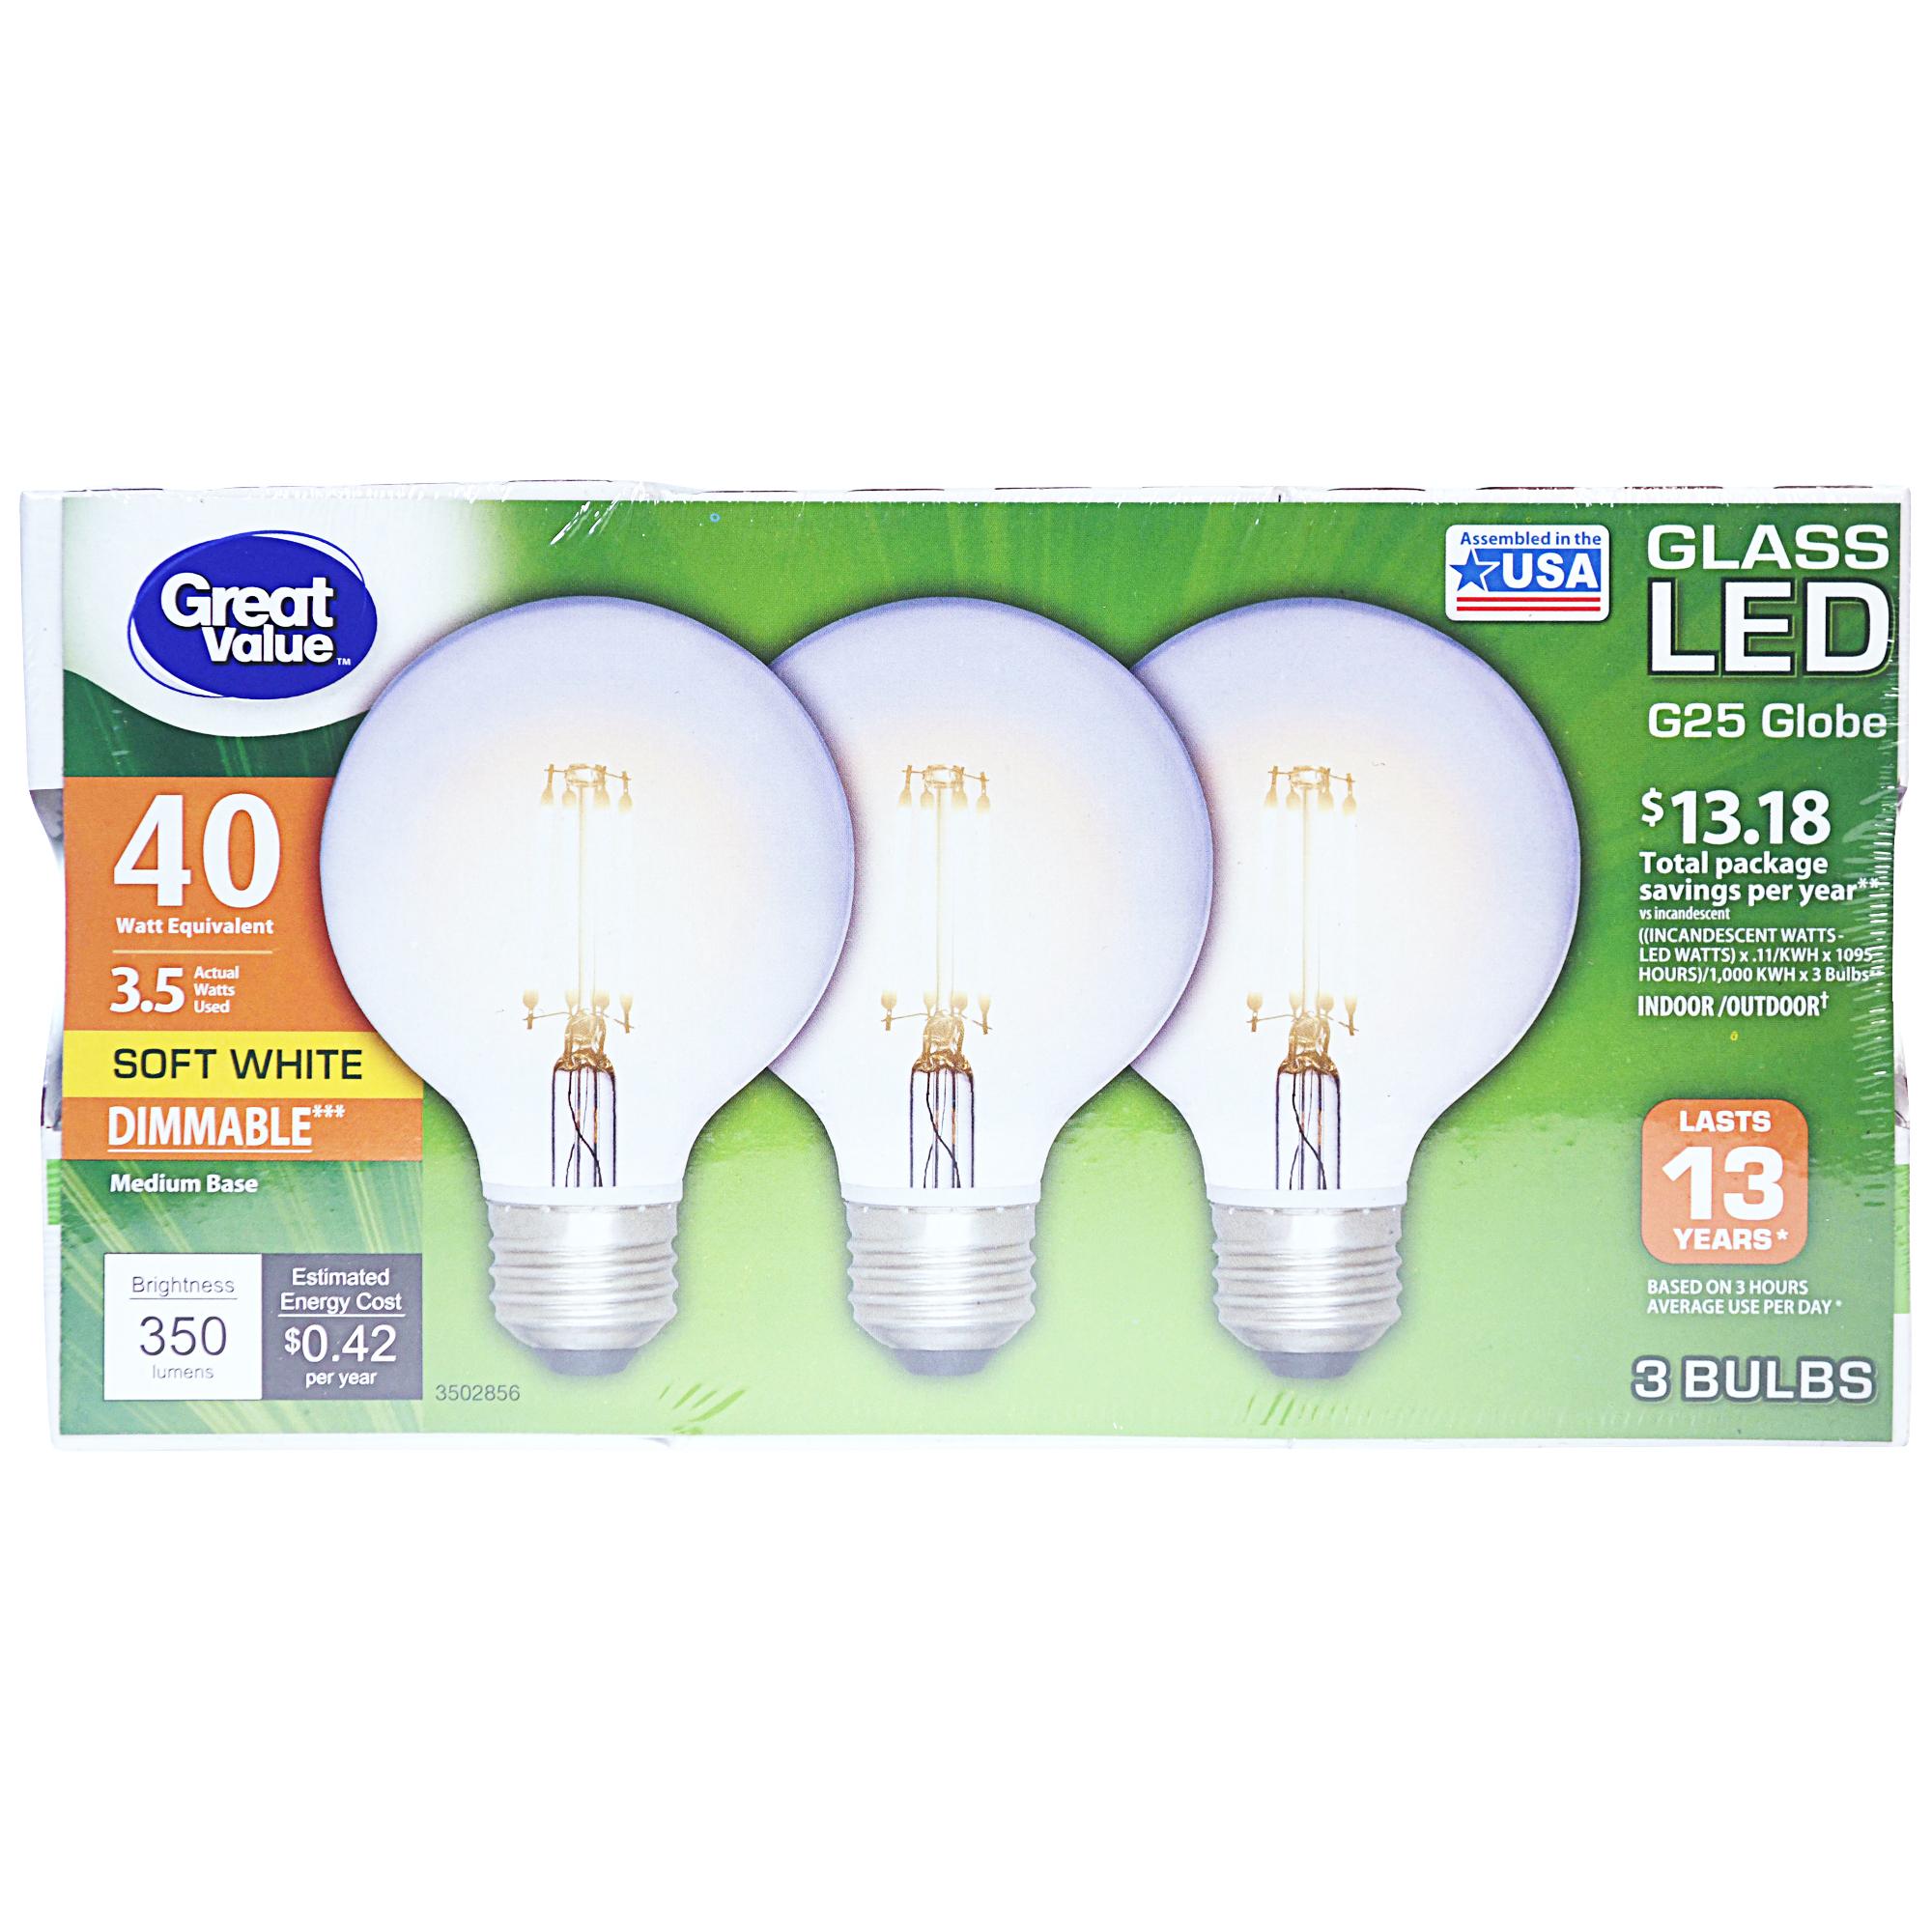 Great Value Glass LED G25 Globe Light, 3 Bulbs, 40 watt, Soft White